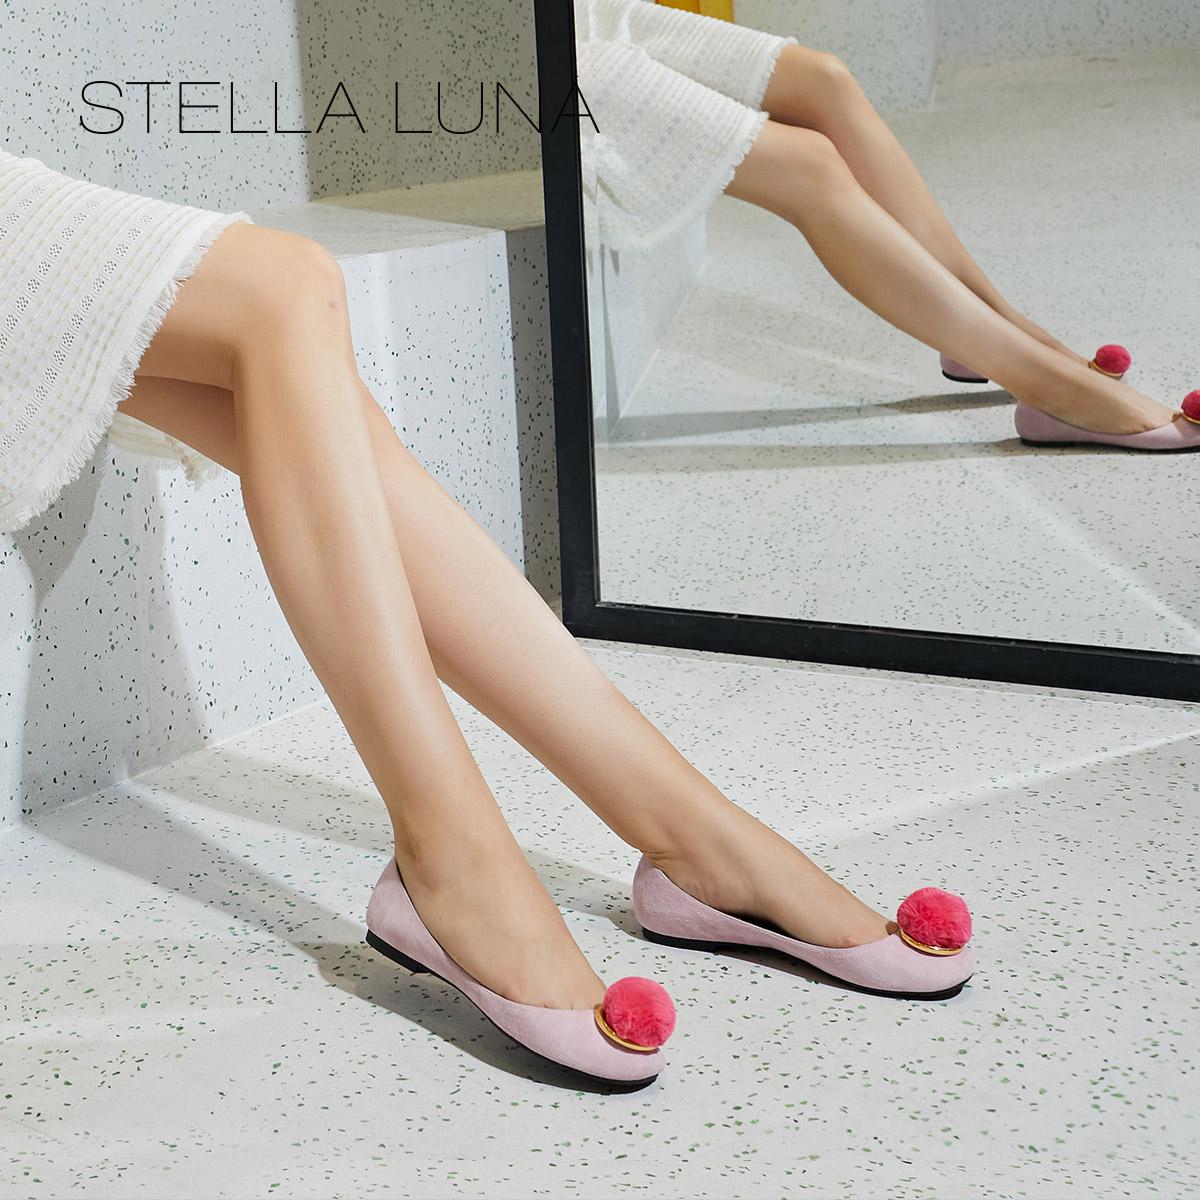 STELLA LUNA秋季新款羊反毛时尚浅口圆头平底鞋办公室chic女单鞋